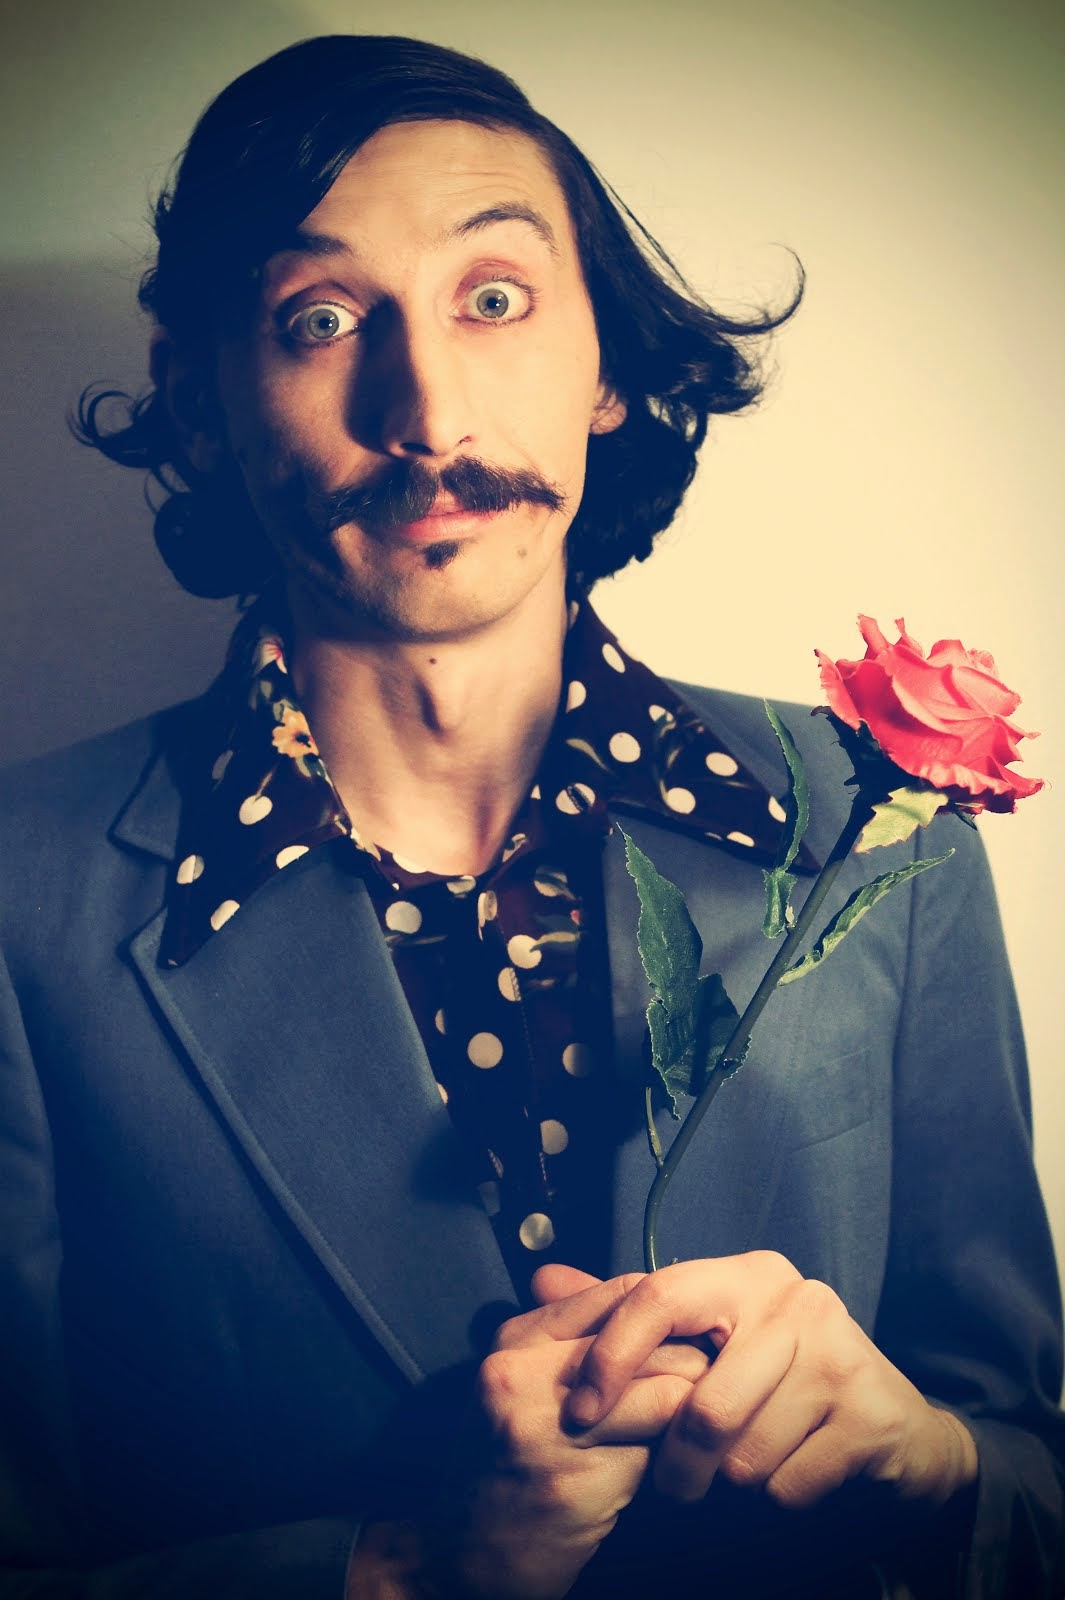 Mister Mustache - Italia - Affetto D'amore